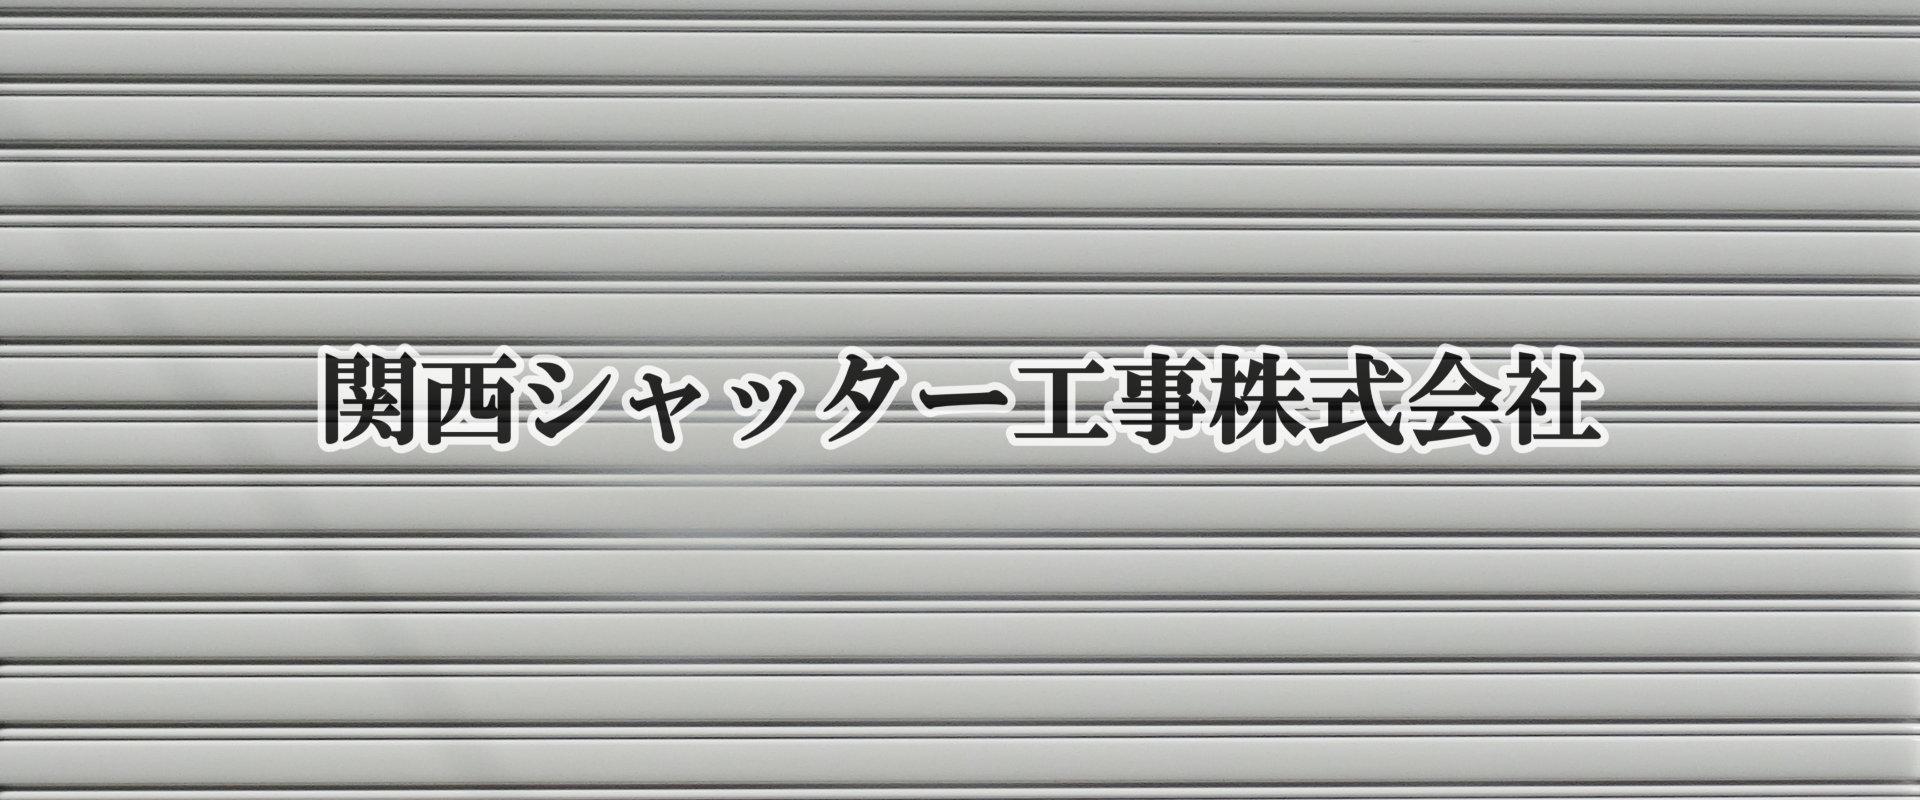 関西シャッター工事株式会社3